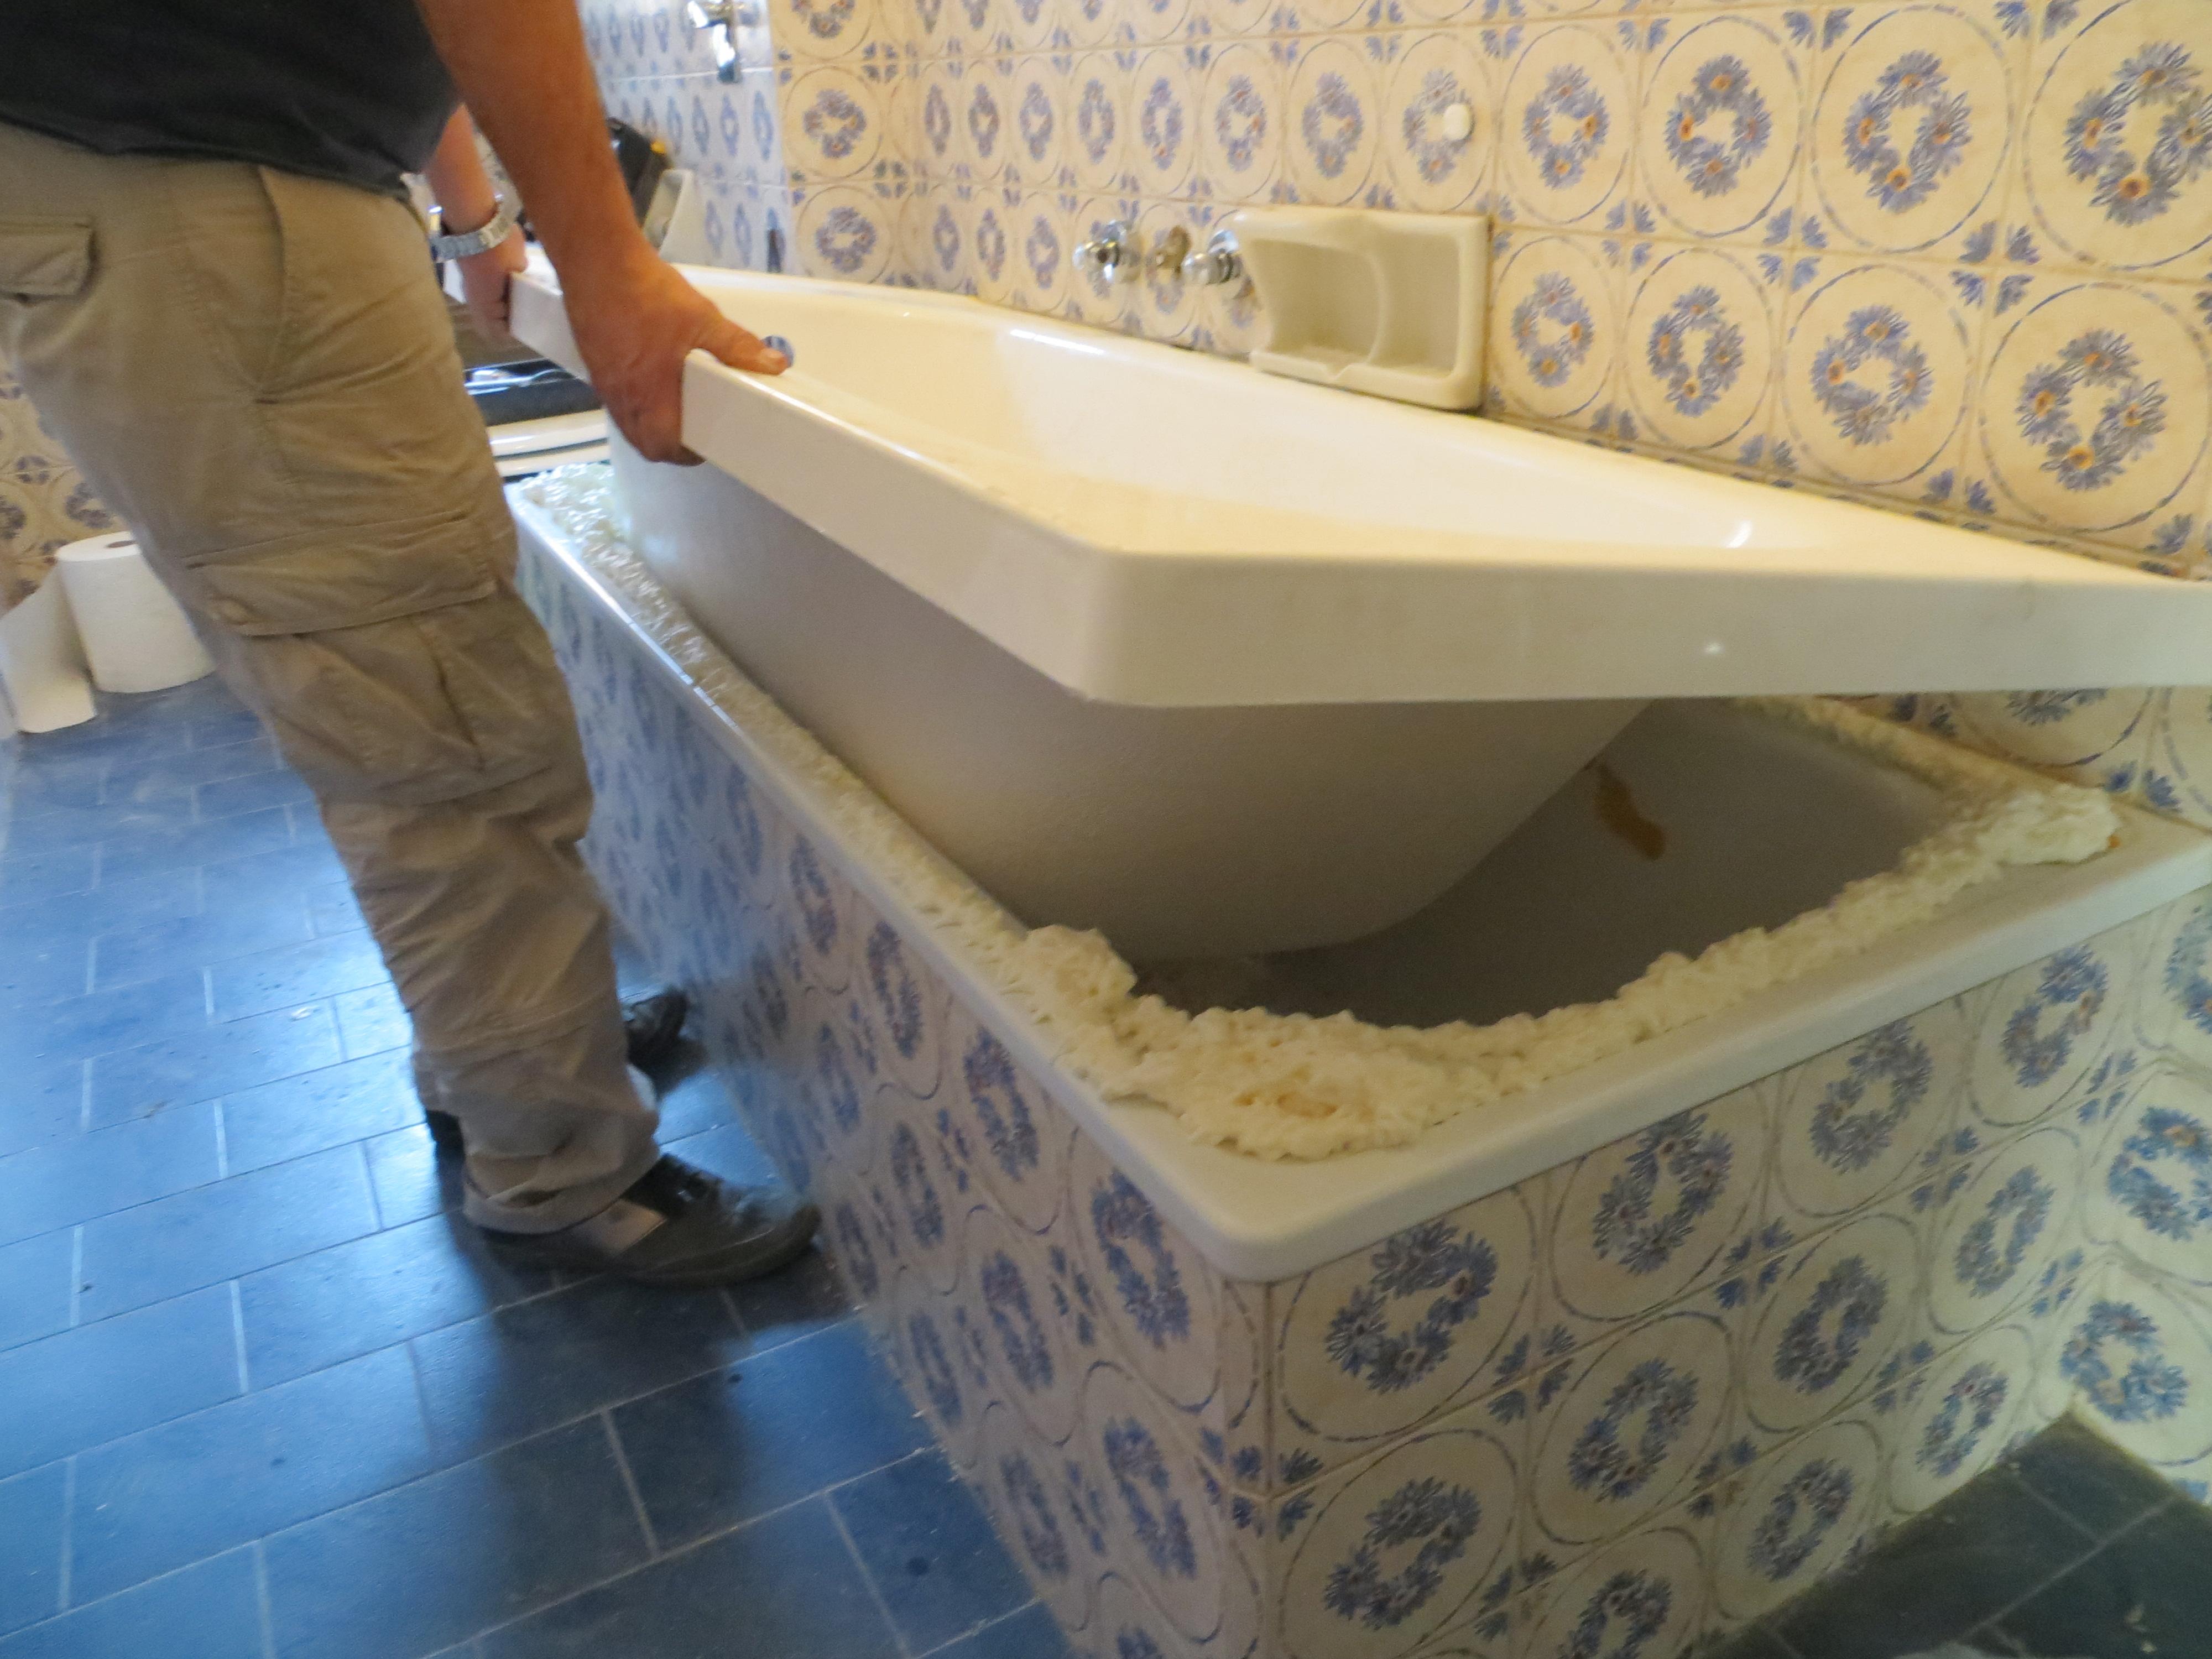 Sovrapposizione vasca da bagno ditta urso pietro trasformazione